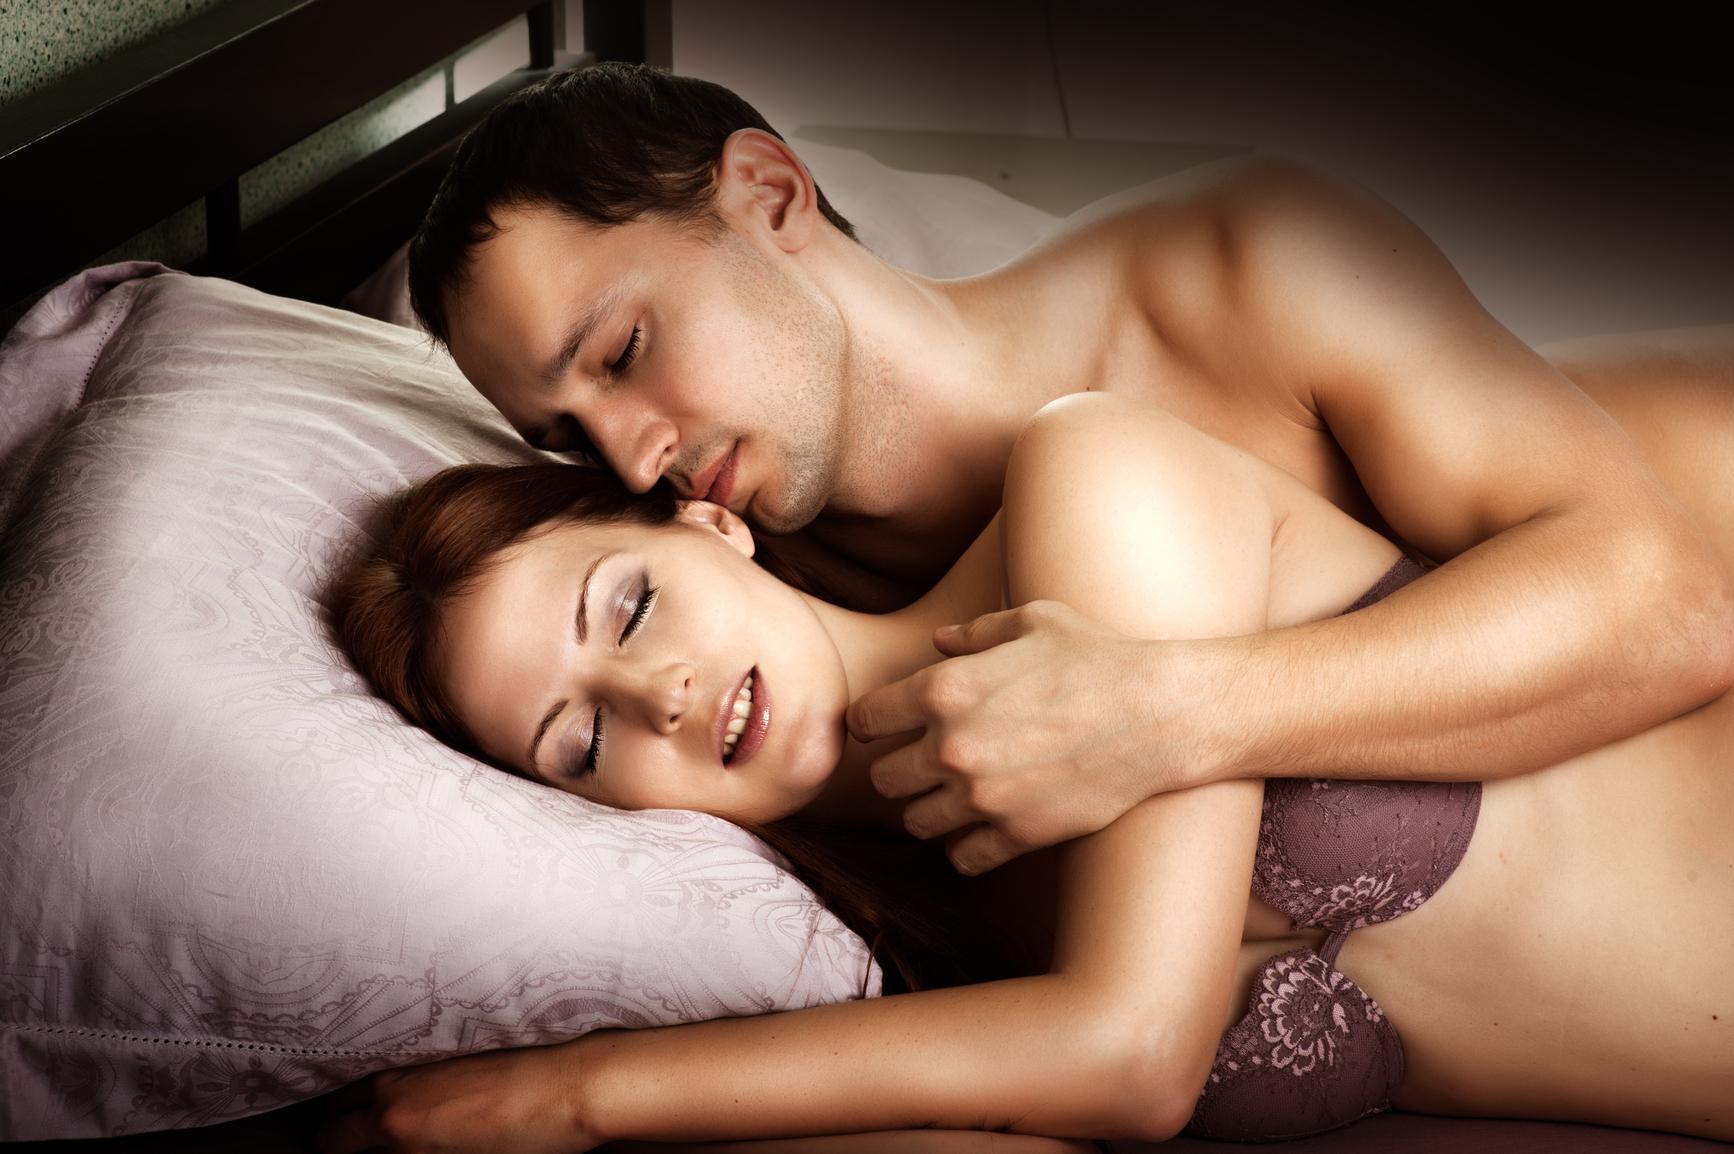 Фото позы девушки в сексе боком 18 фотография